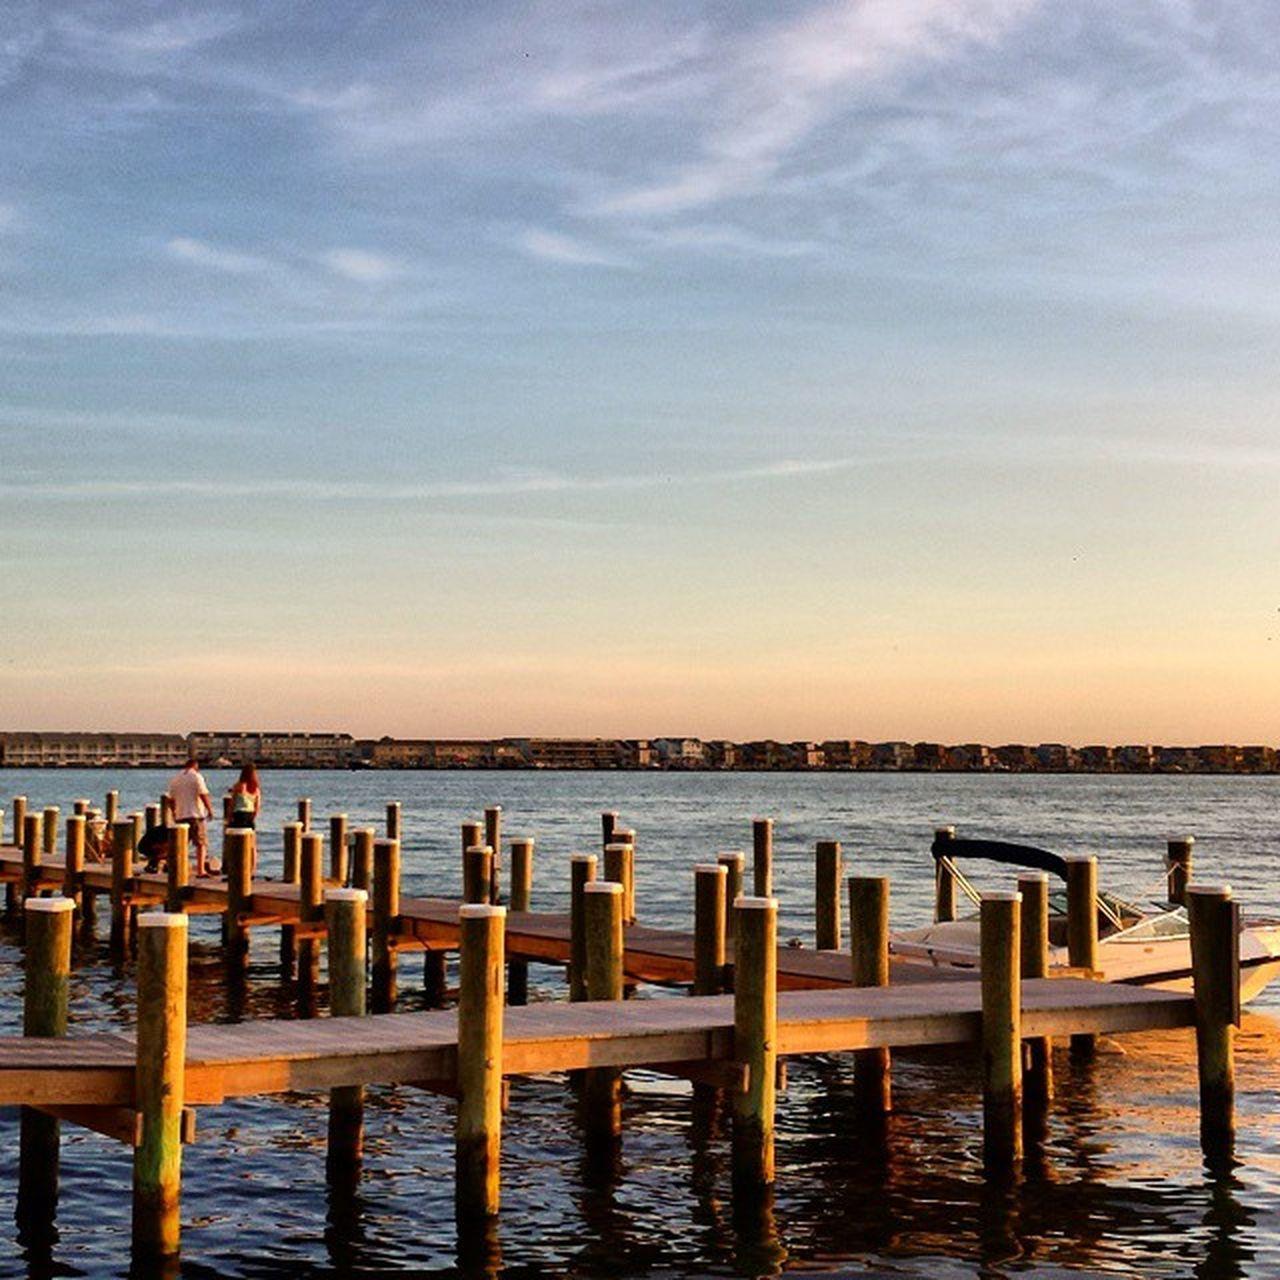 Docks Chesapekebay Bayside Bay Sunset Ocmd OceanCity Missthis Oceanlife